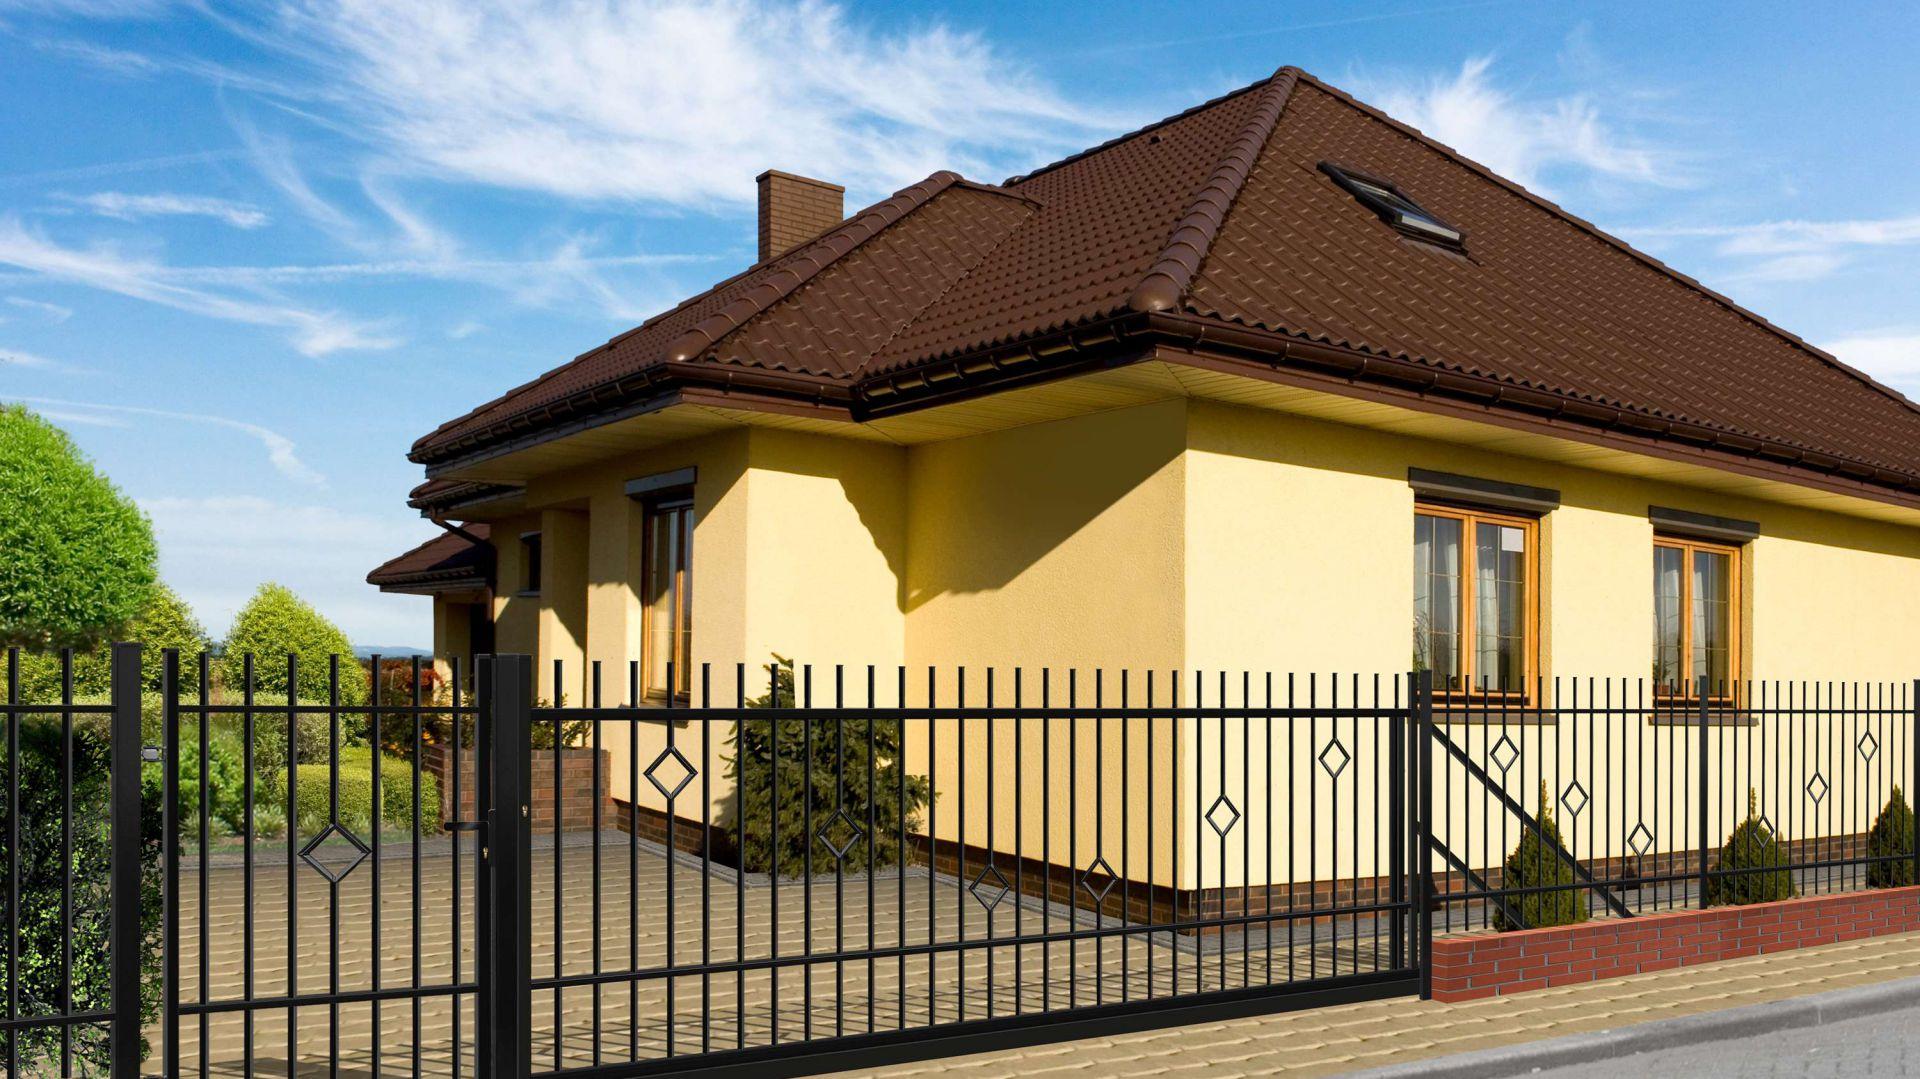 Klasyczne ogrodzenie Rita doskonale sprawdzi się w towarzystwie domów o tradycyjnej formie. Fot. Polagros.